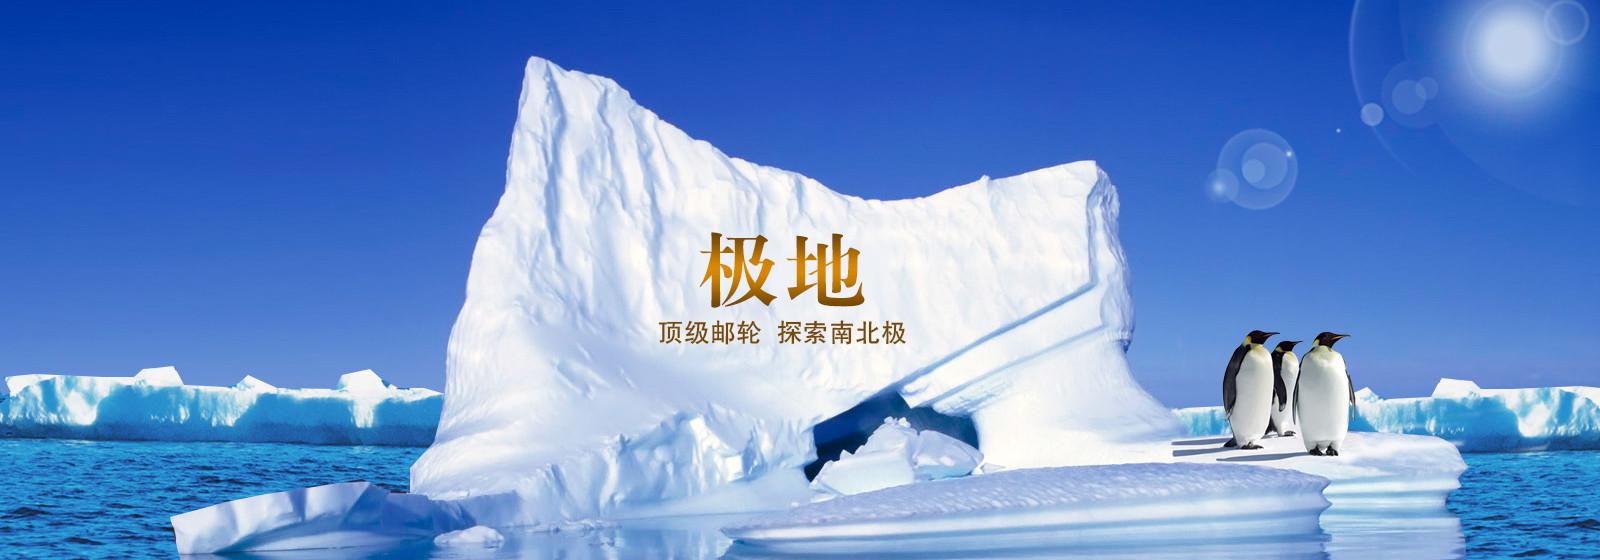 极地_顶级邮轮_探索南北极